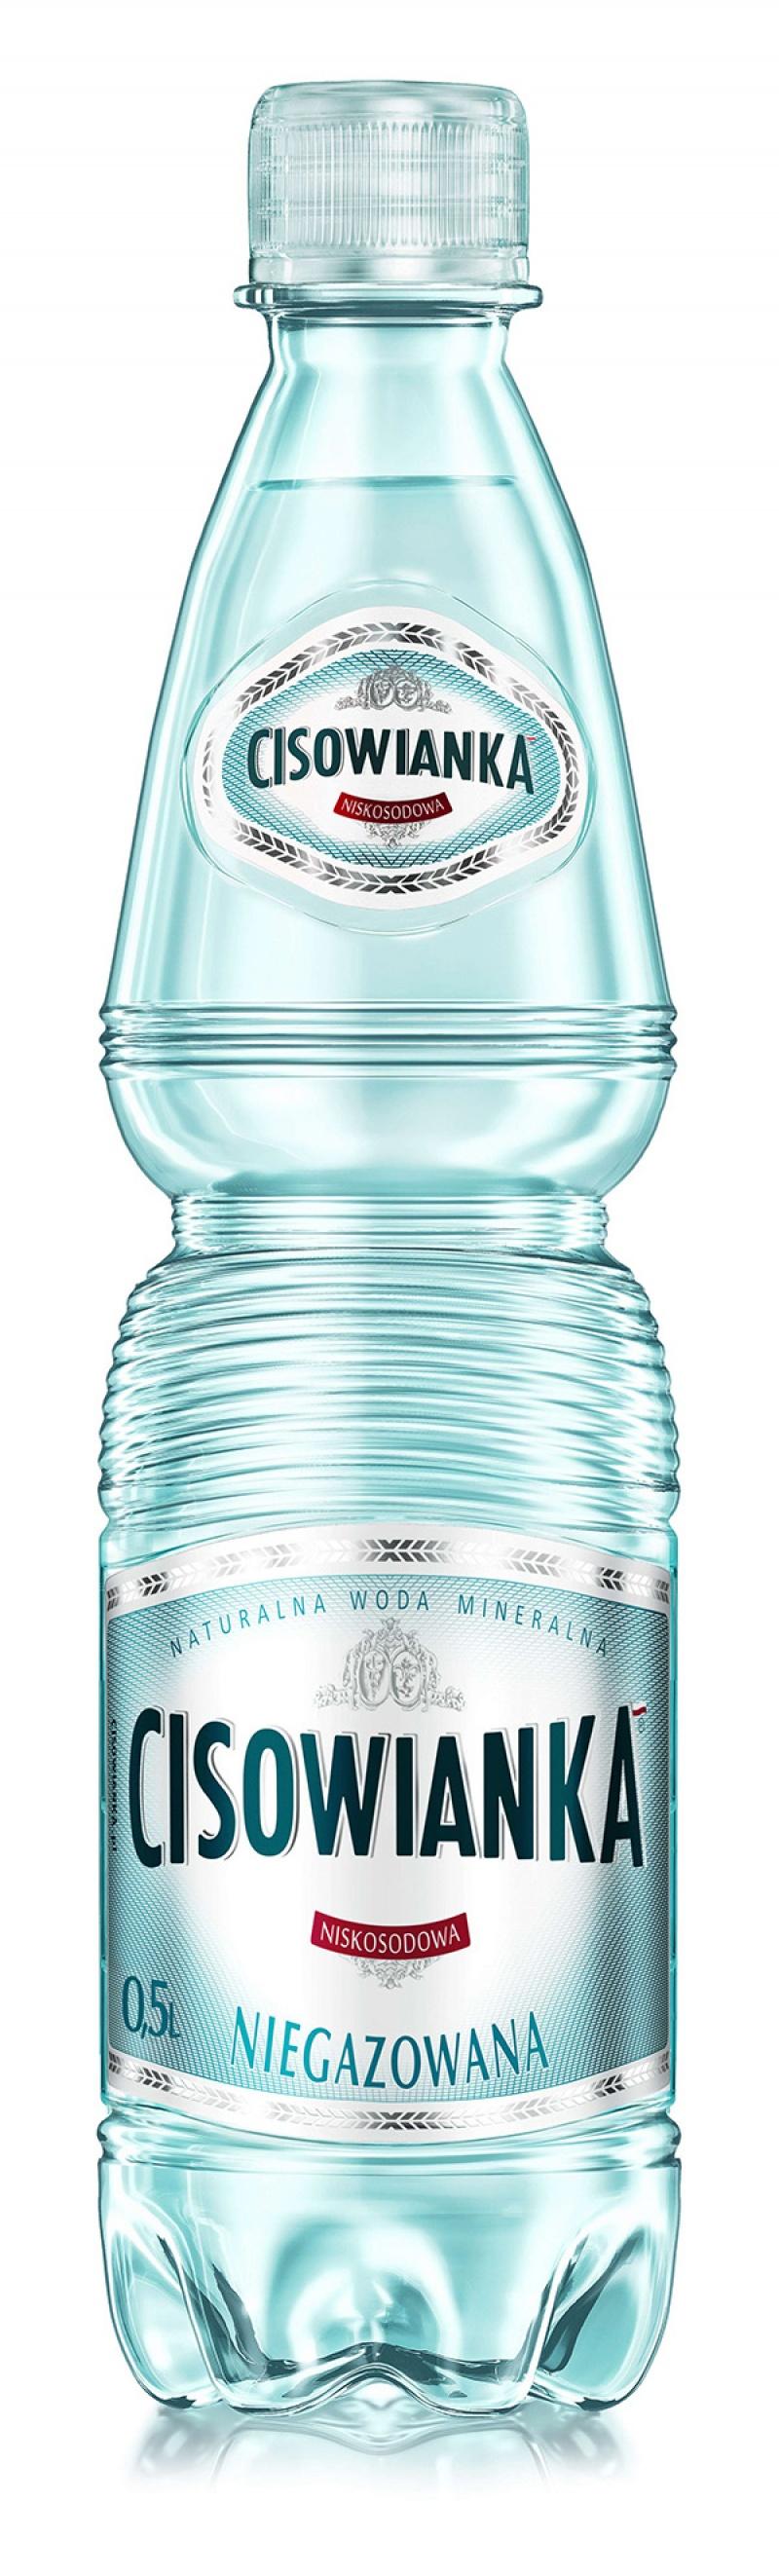 Woda CISOWIANKA, niegazowana, butelka plastikowa, 0,5l, Woda, Artykuły spożywcze